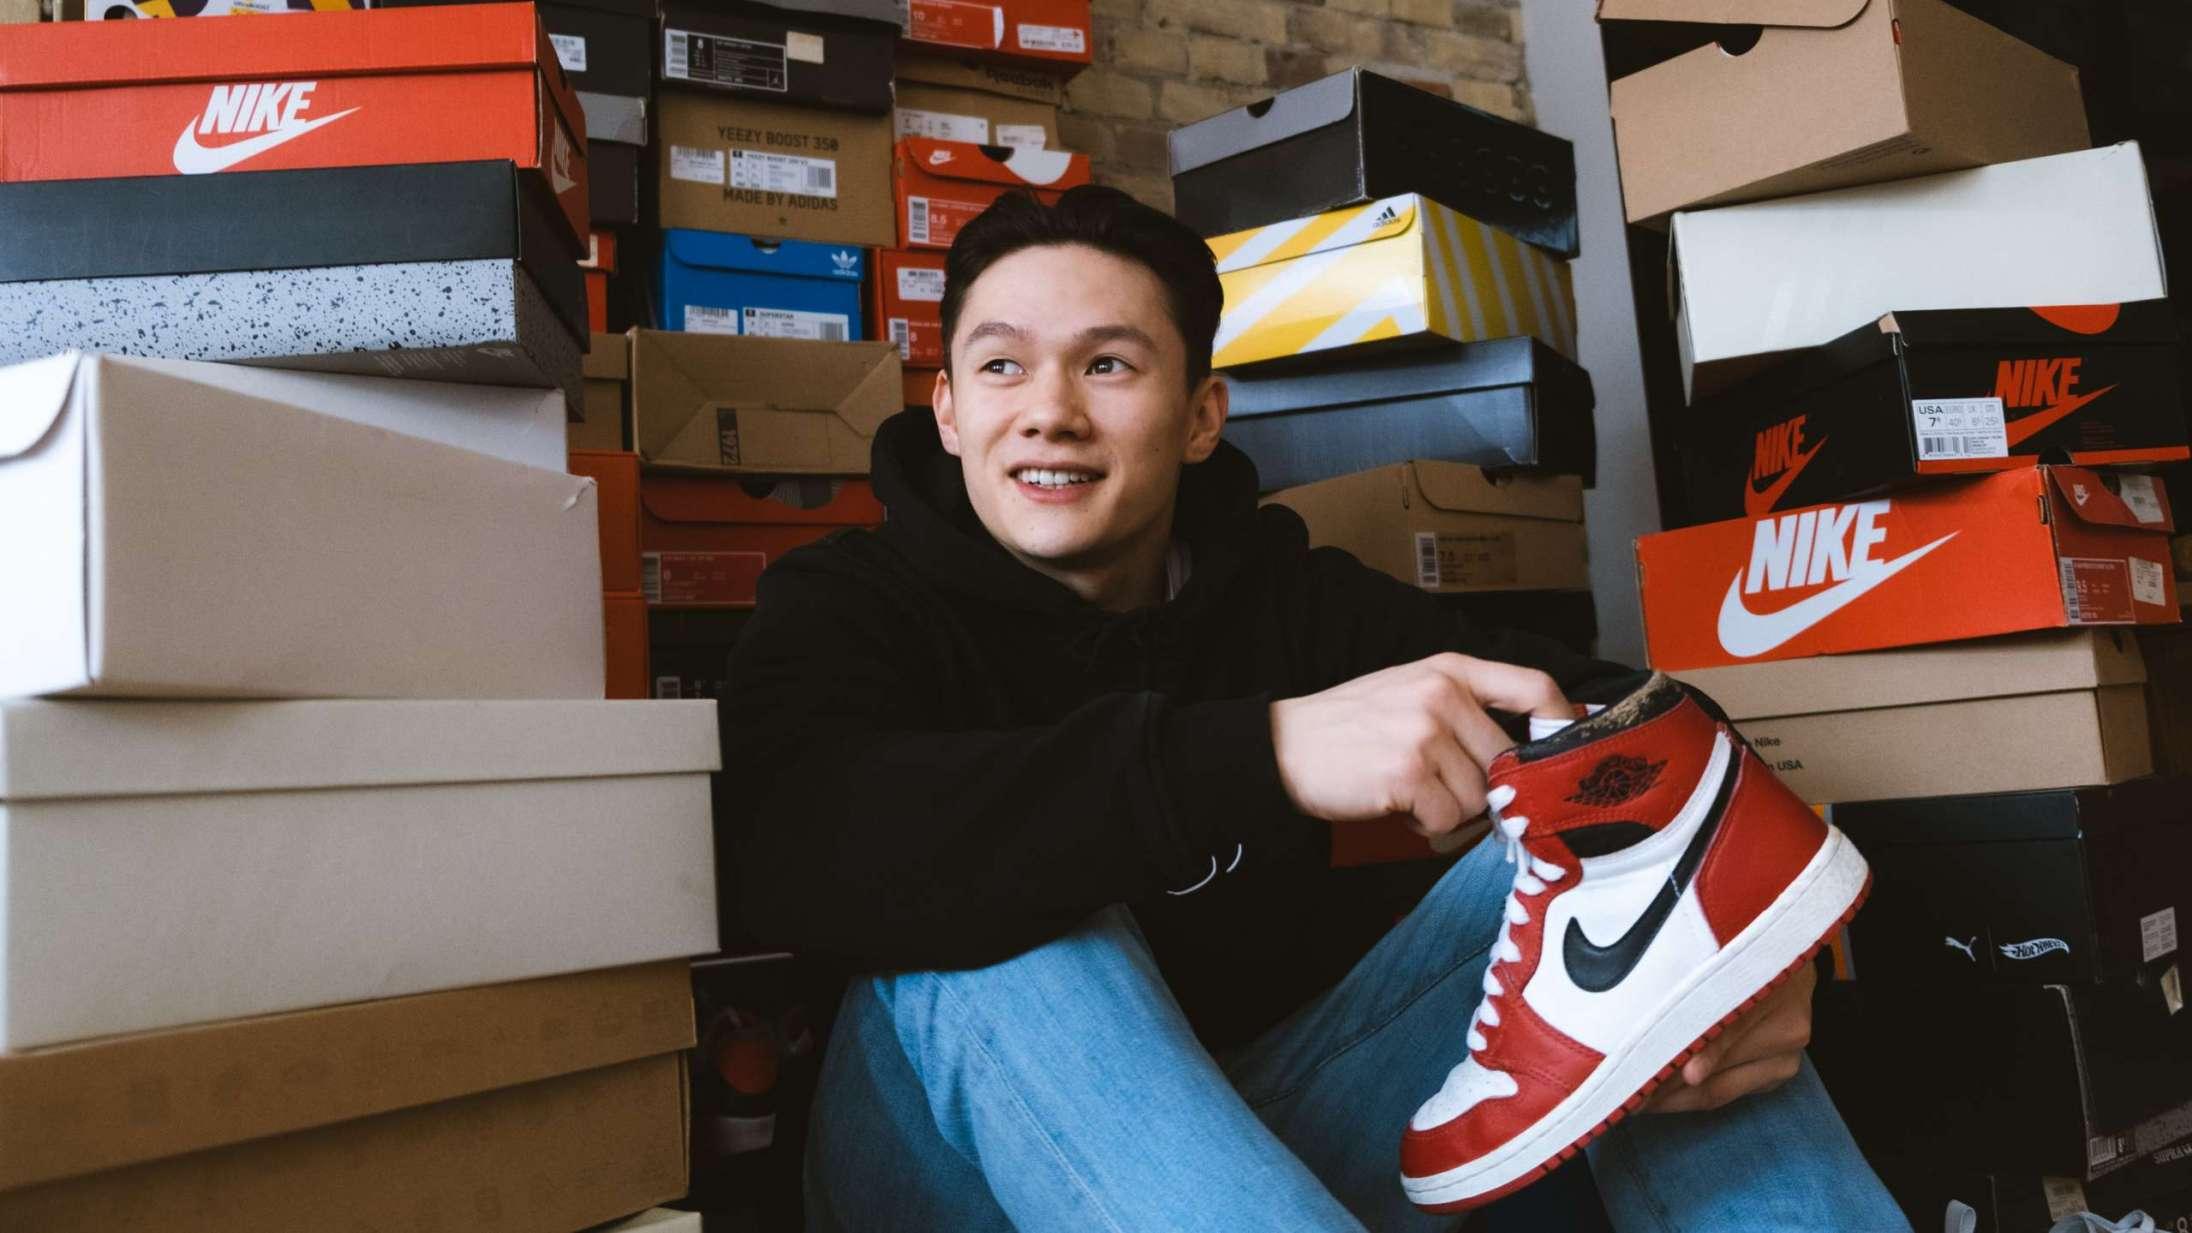 Mathias Ong har gjort sneaker-formidling sjovt – nu er han klar til nye udfordringer